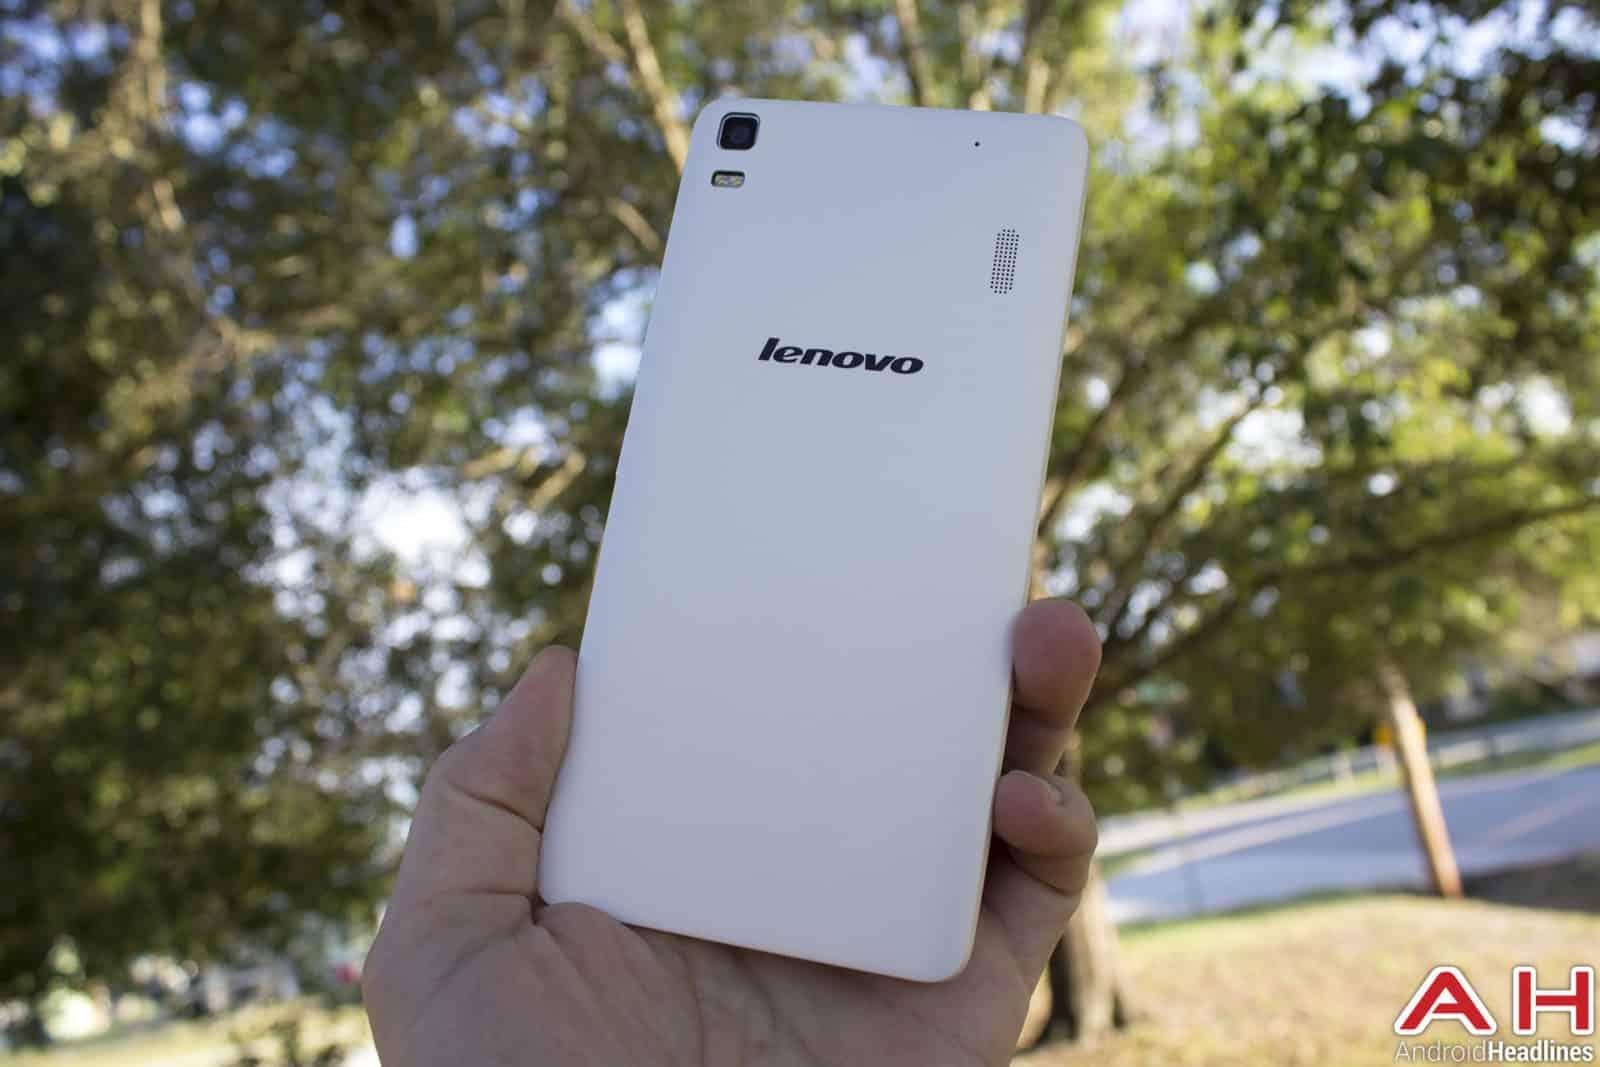 Lenovo-K3-Note-AH-03